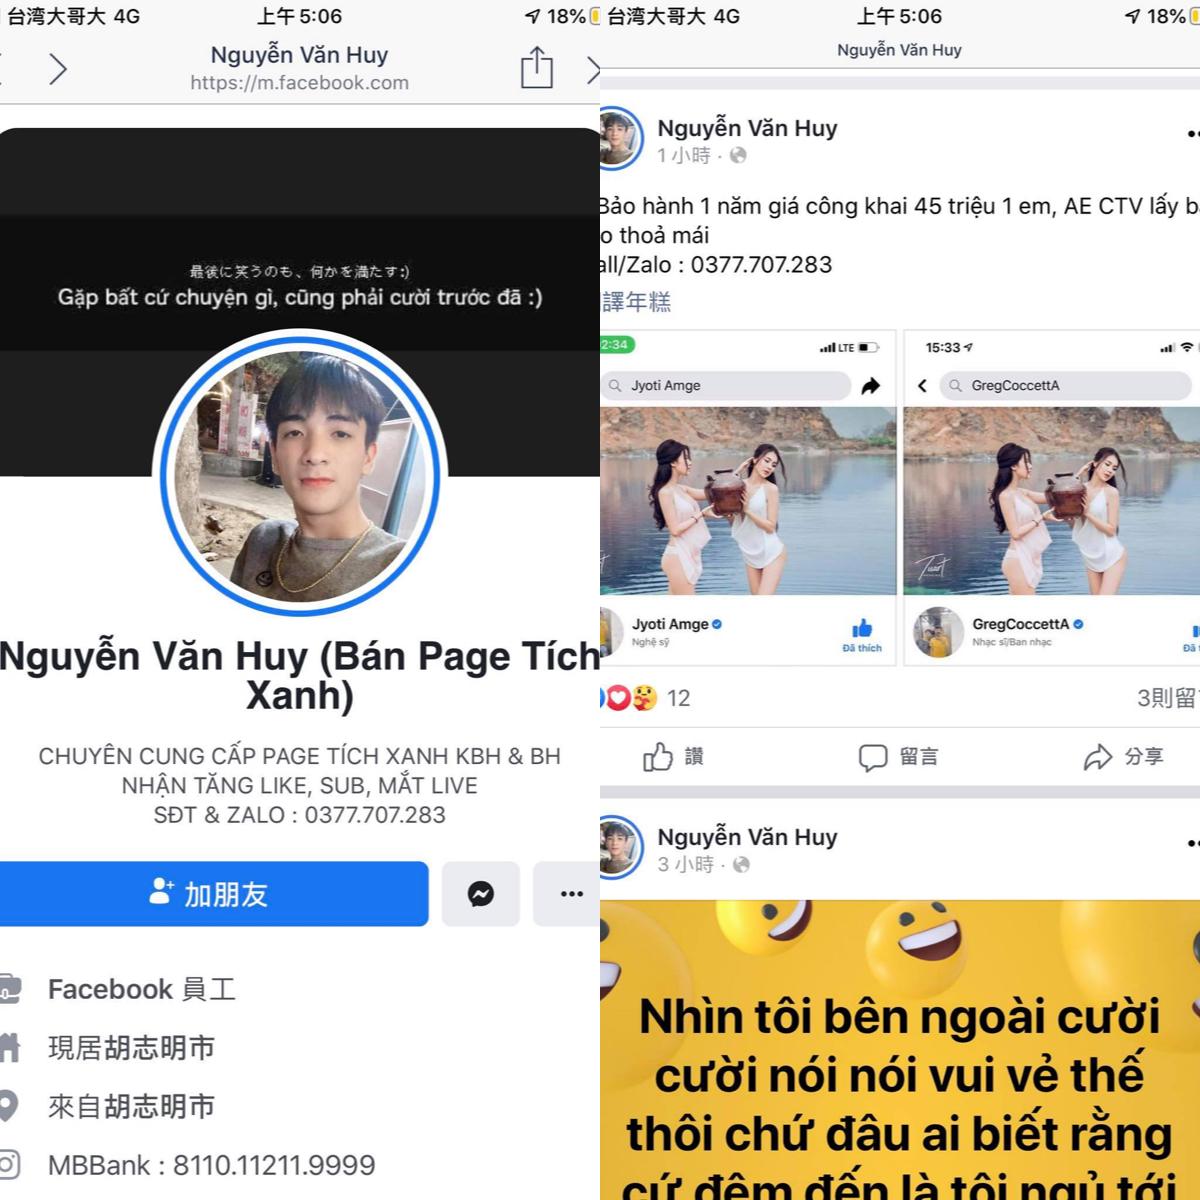 粉專被盜遭販賣!亞亞、比熊全受害 臉書竟警告:「網路威脅」目標